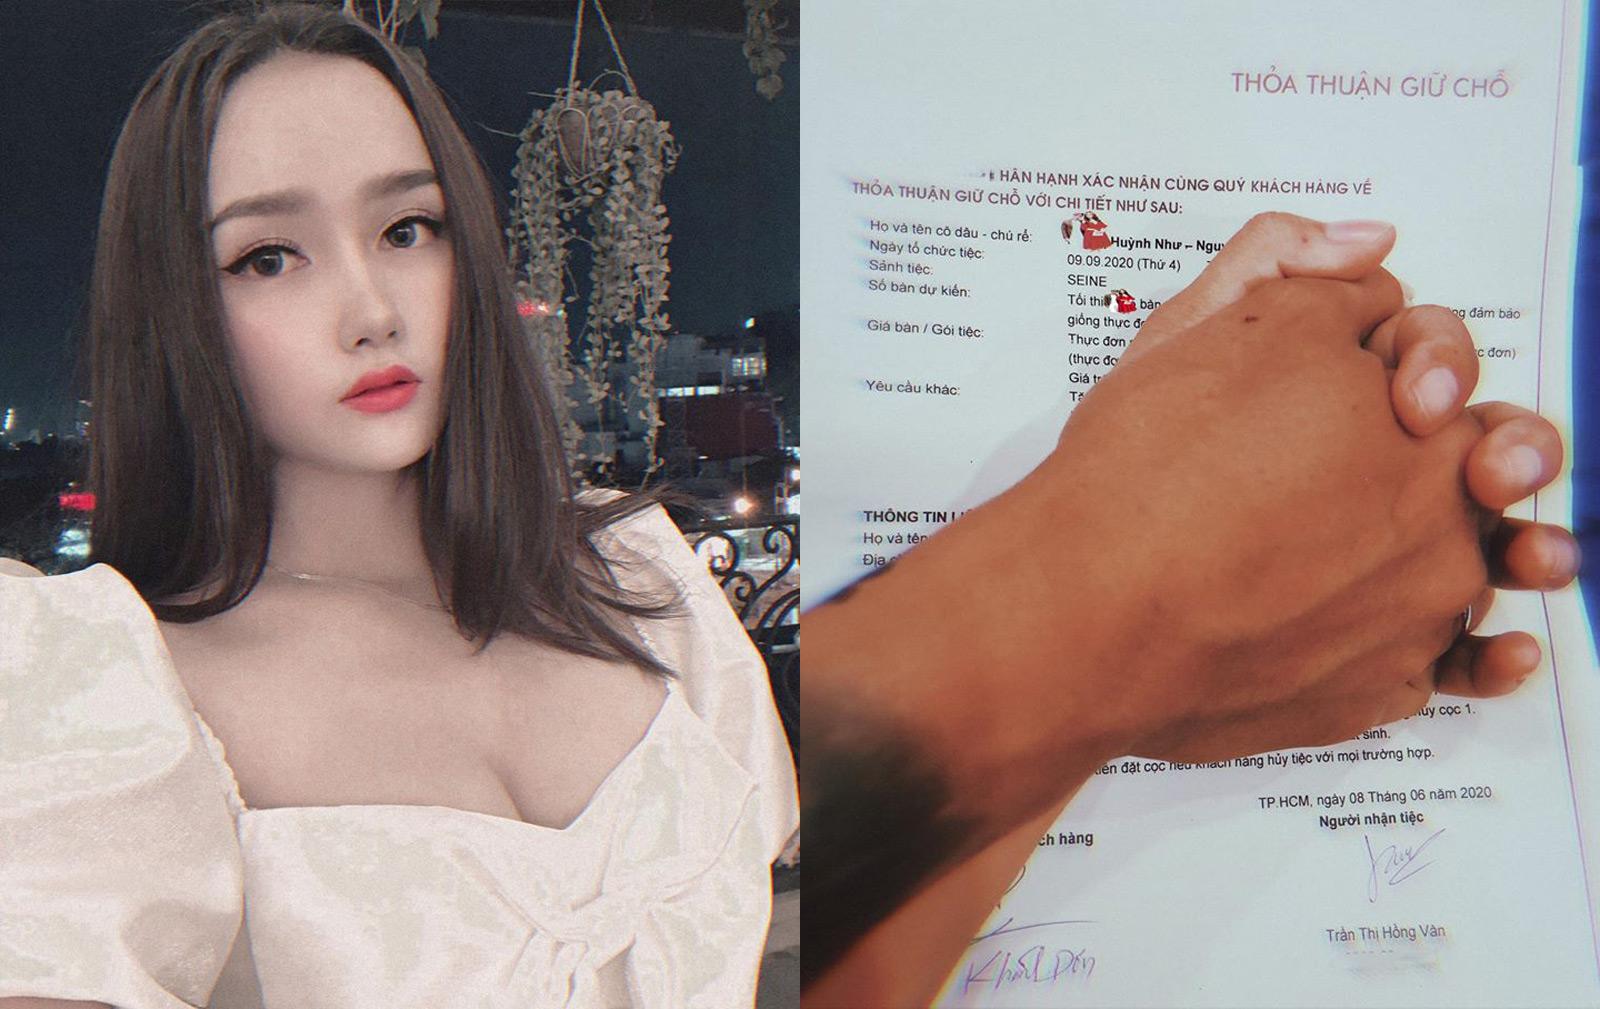 Sau quà sinh nhật 100 triệu, vợ hot girl kém Khánh Đơn 12 tuổi lại khiến dân mạng trầm trồ - 1